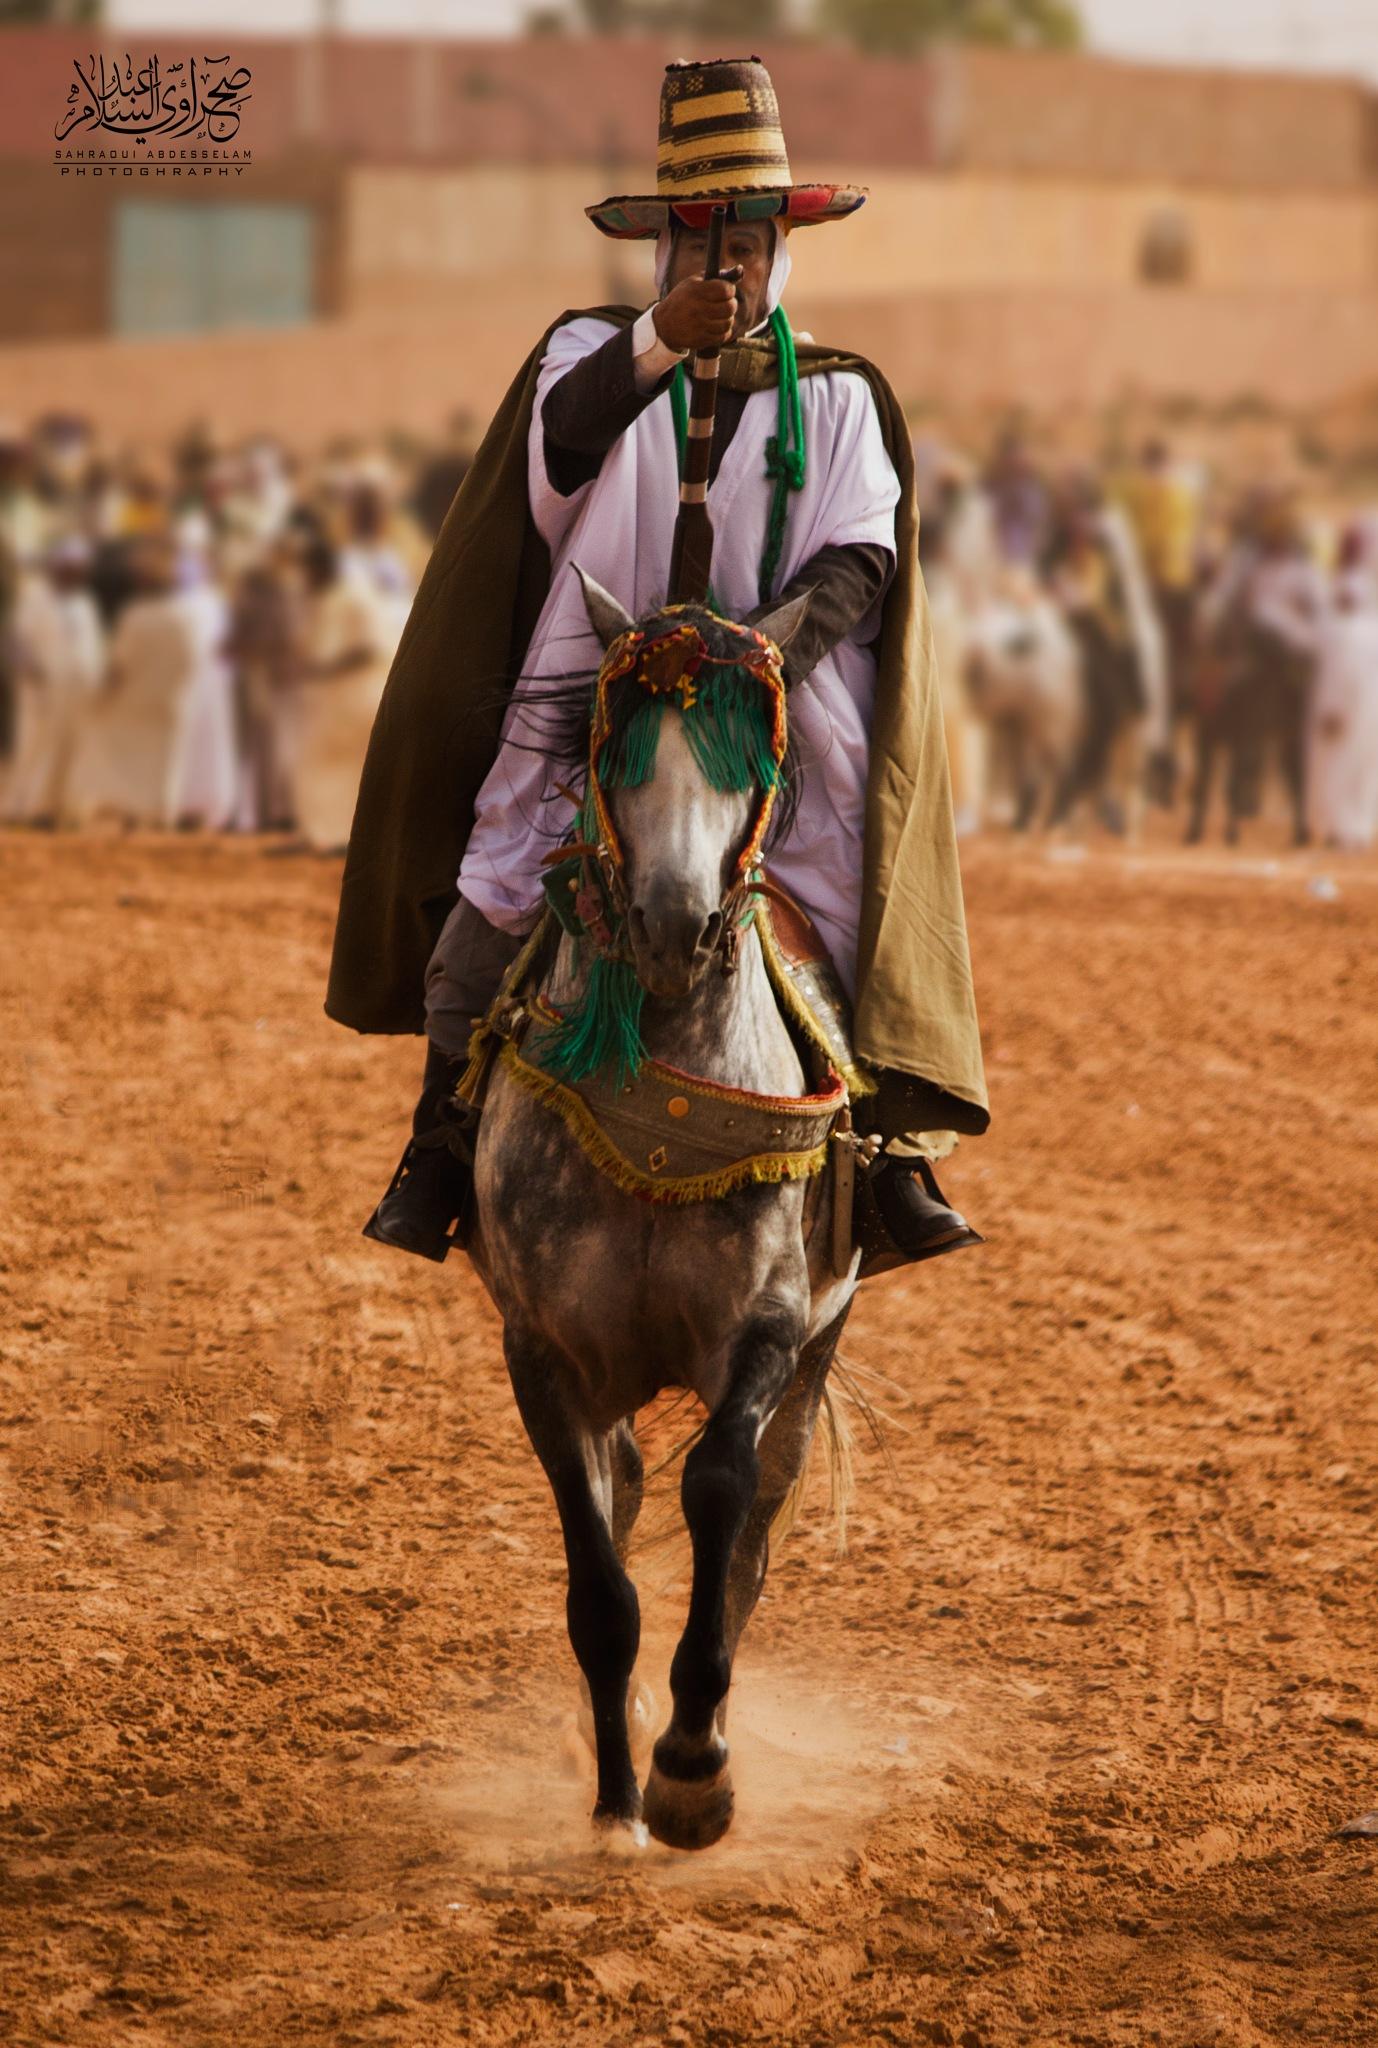 Arab Knight by Abd Salam Sahraoui